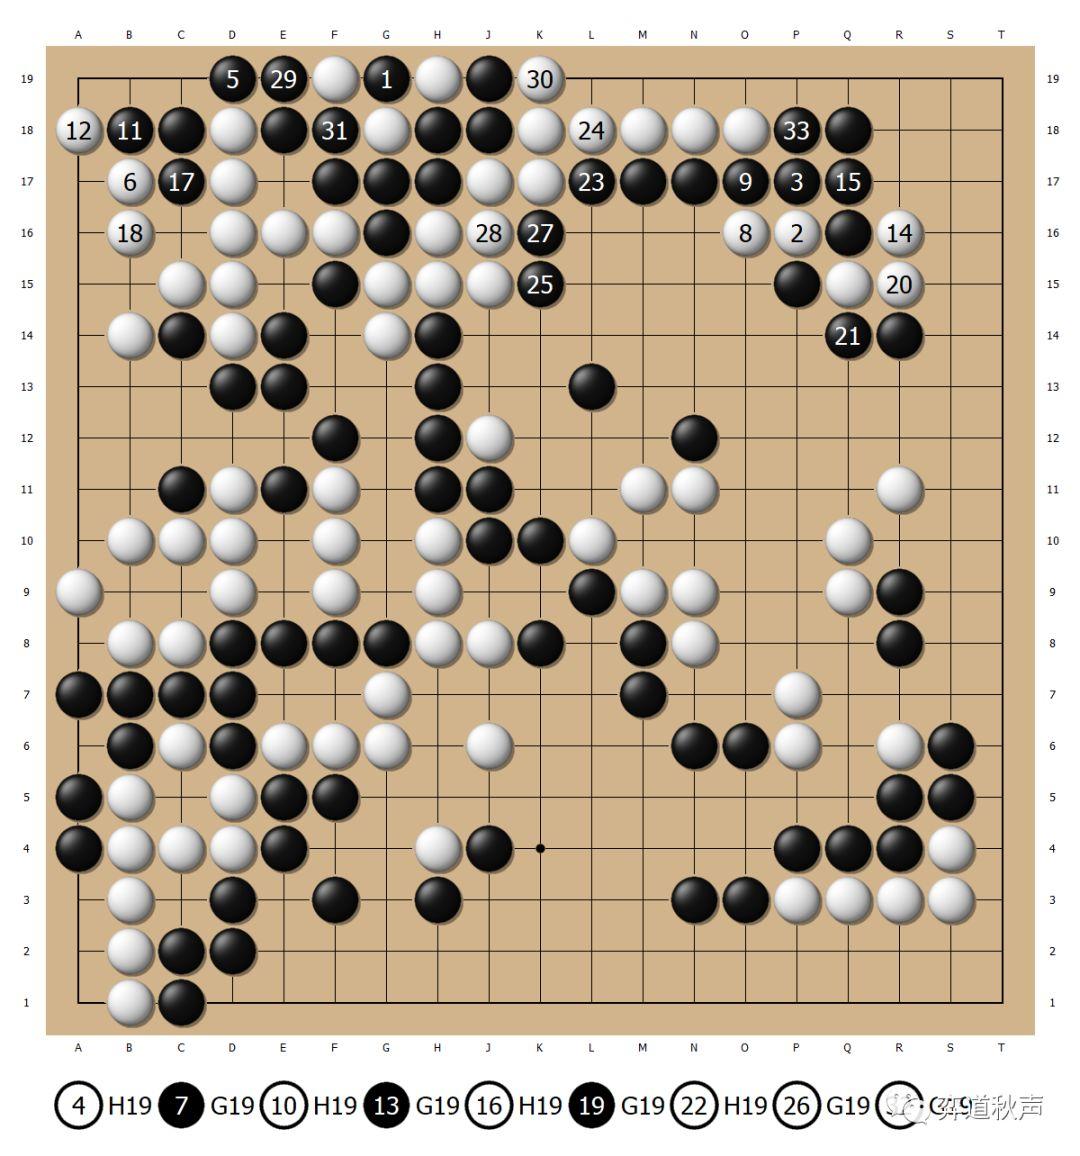 富士通杯回顾系列(85) 日韩两位大豪首次遭遇 刘昌赫摧垮王立诚